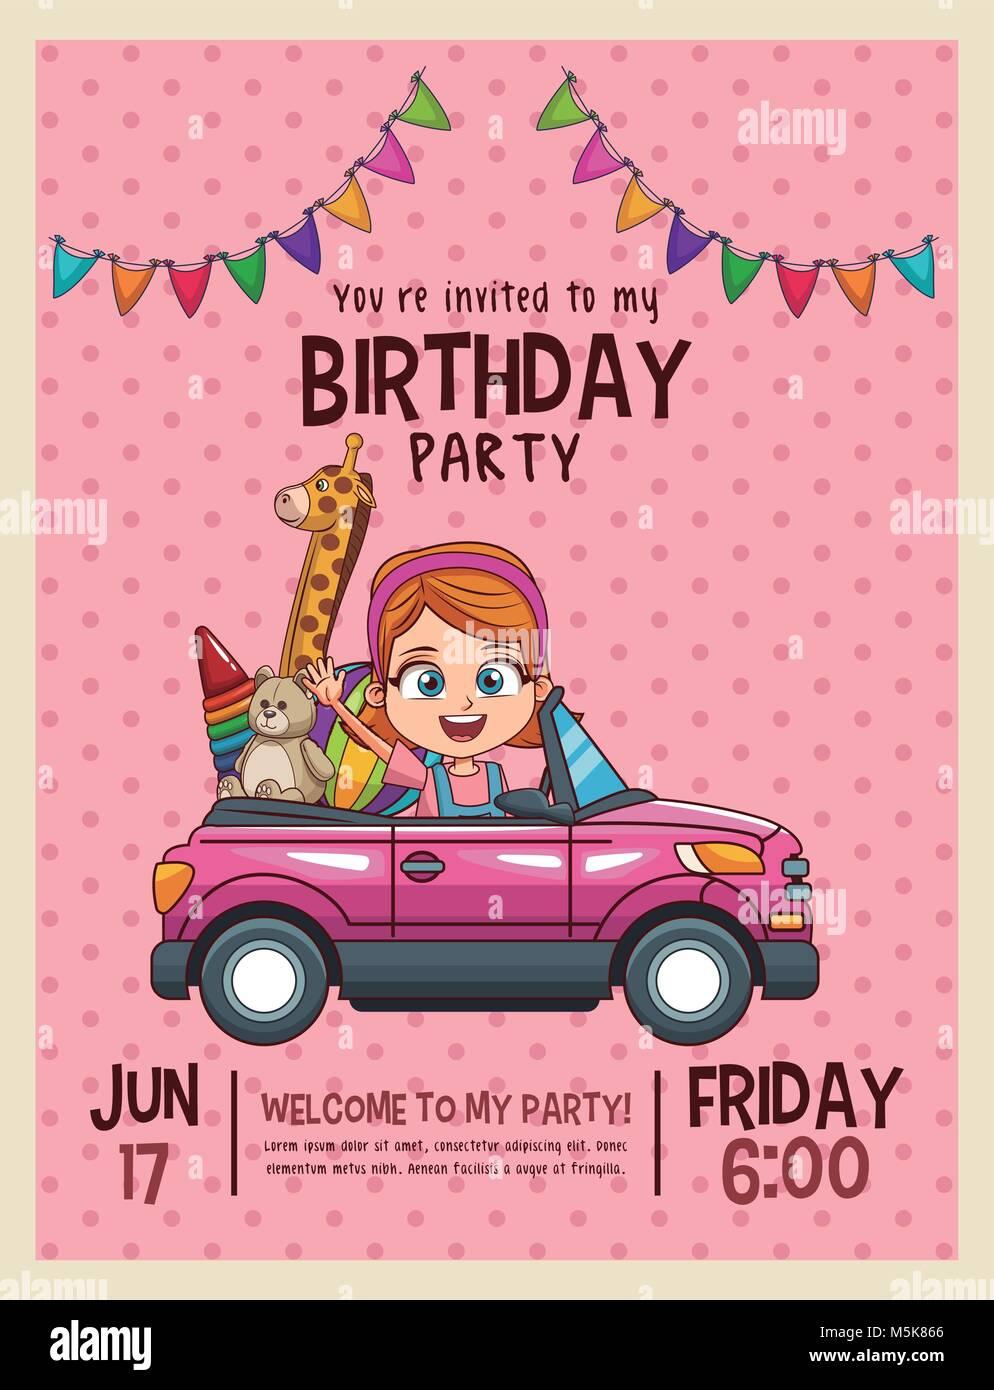 Tarjeta De Invitación De Cumpleaños Para Niños Ilustración